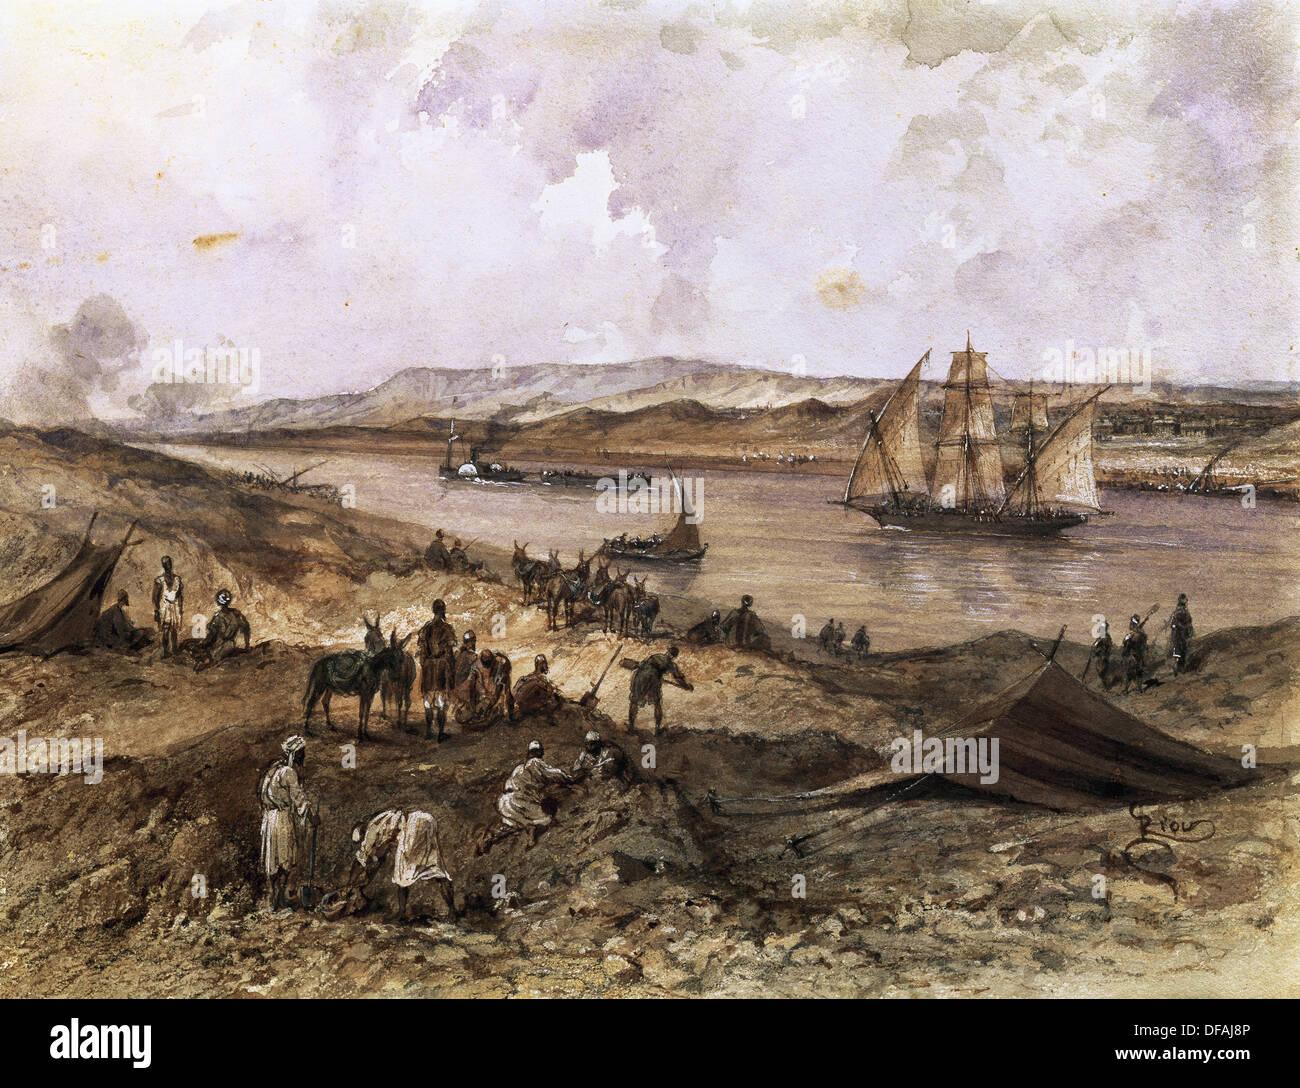 Canal de Suez. Egipto. Inaugurado en noviembre de 1869. Acuarela de Riou. Compiegne Castillo. Francia. Imagen De Stock